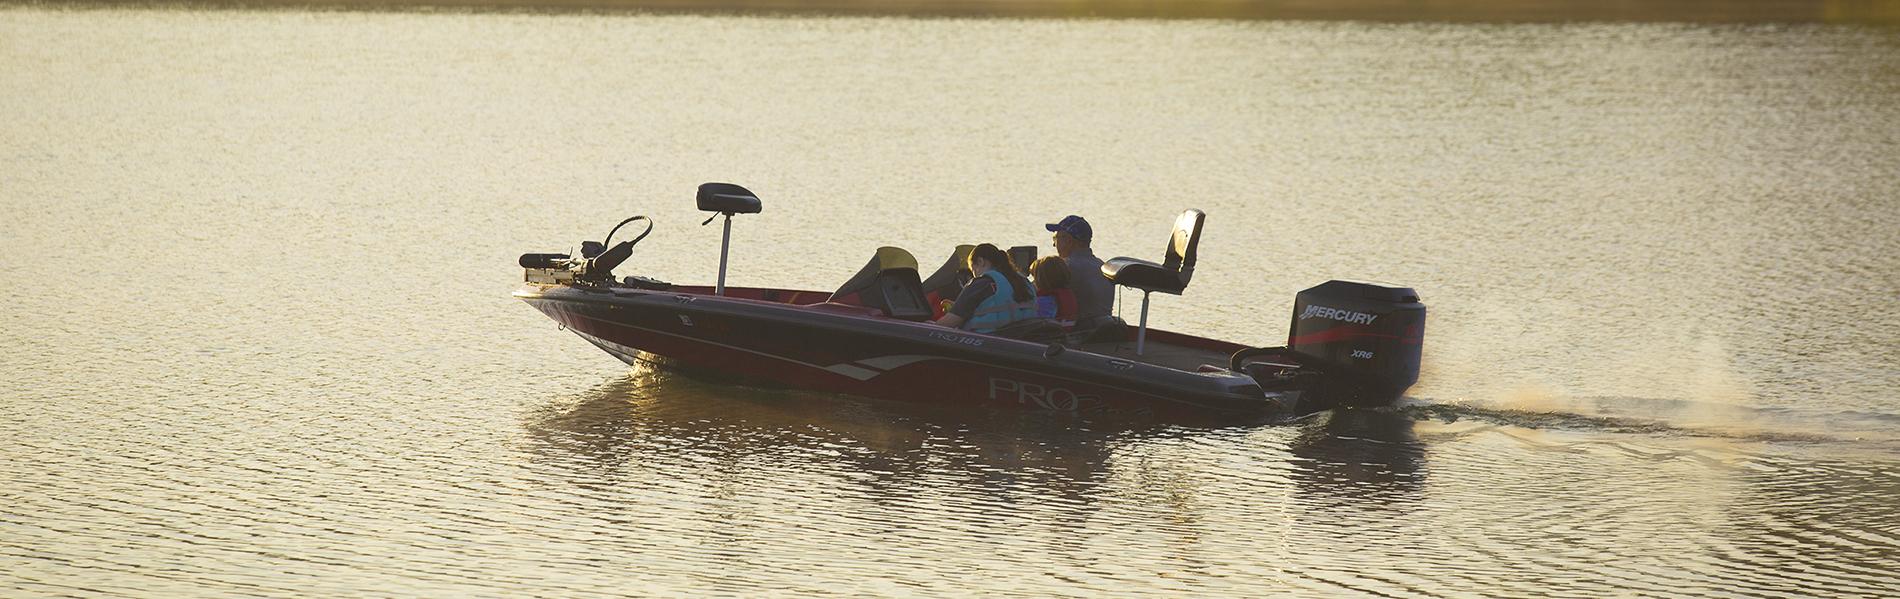 Boating at Tugaloo